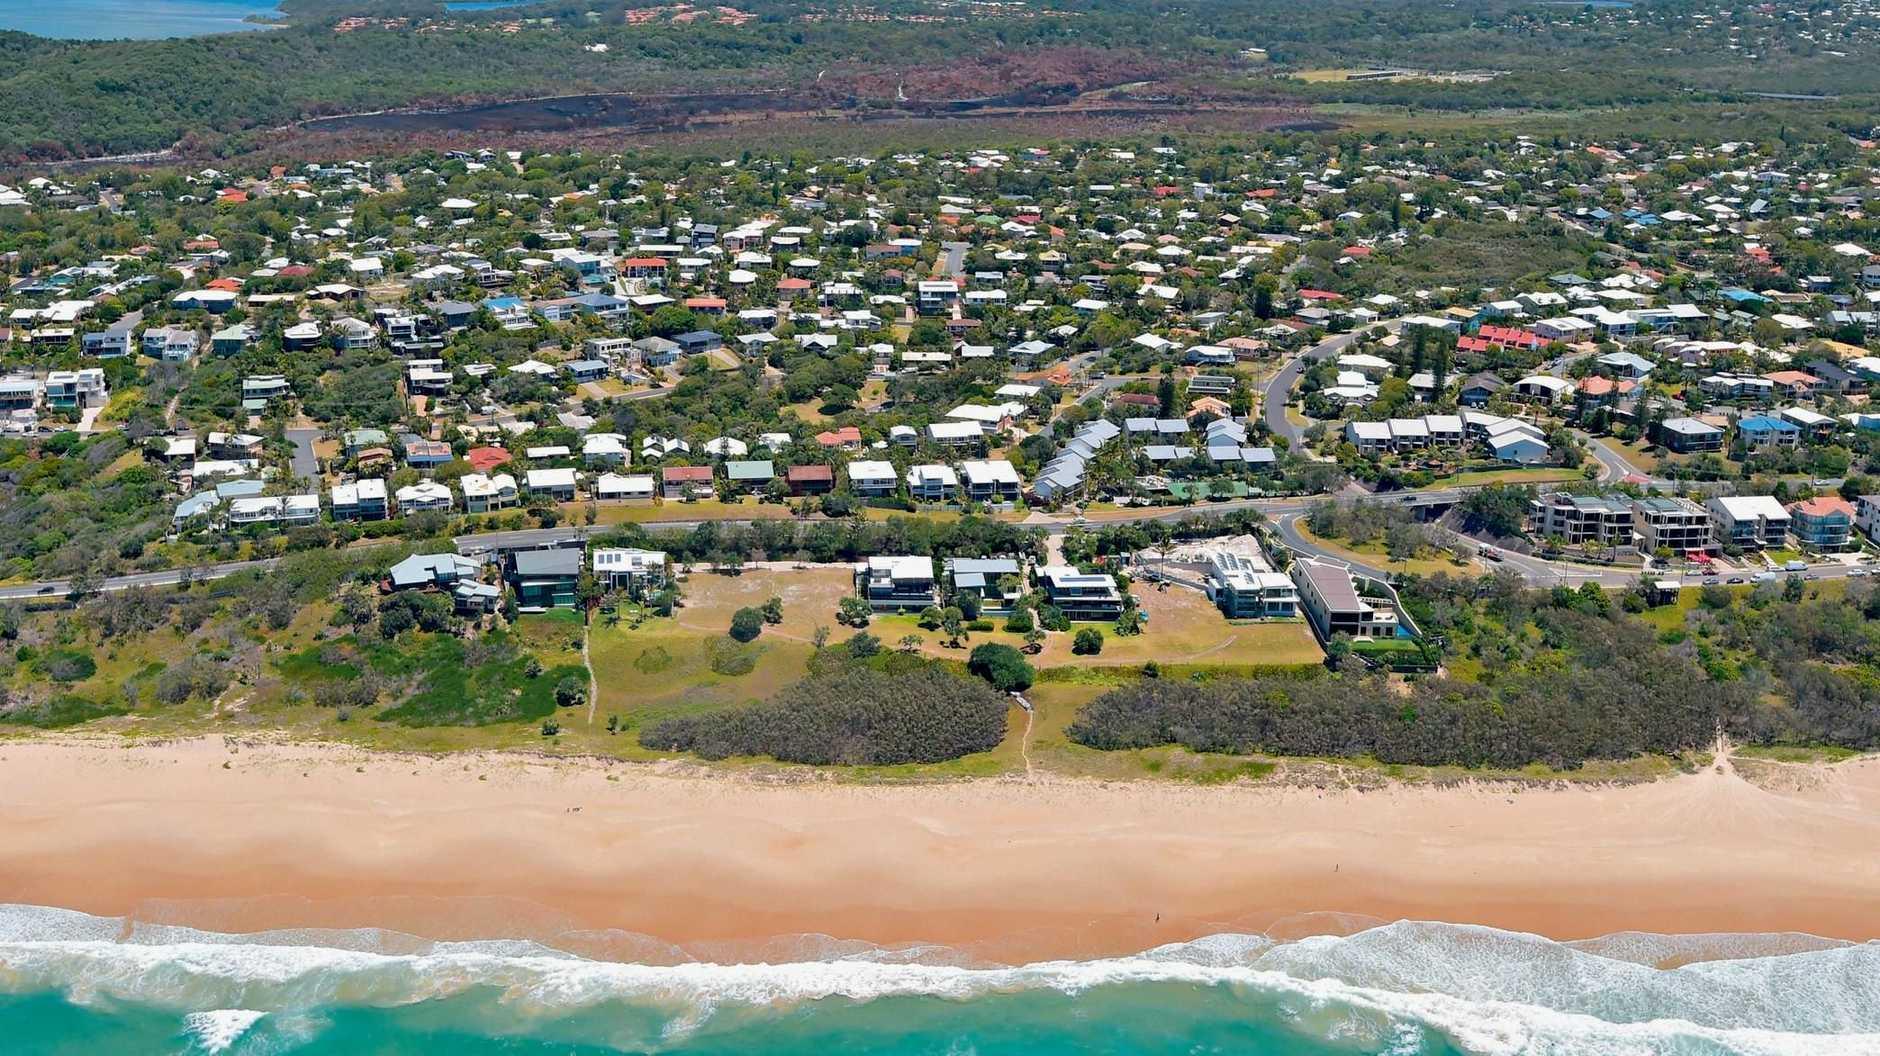 Aerial photo of Sunrise Beach, October 2014.